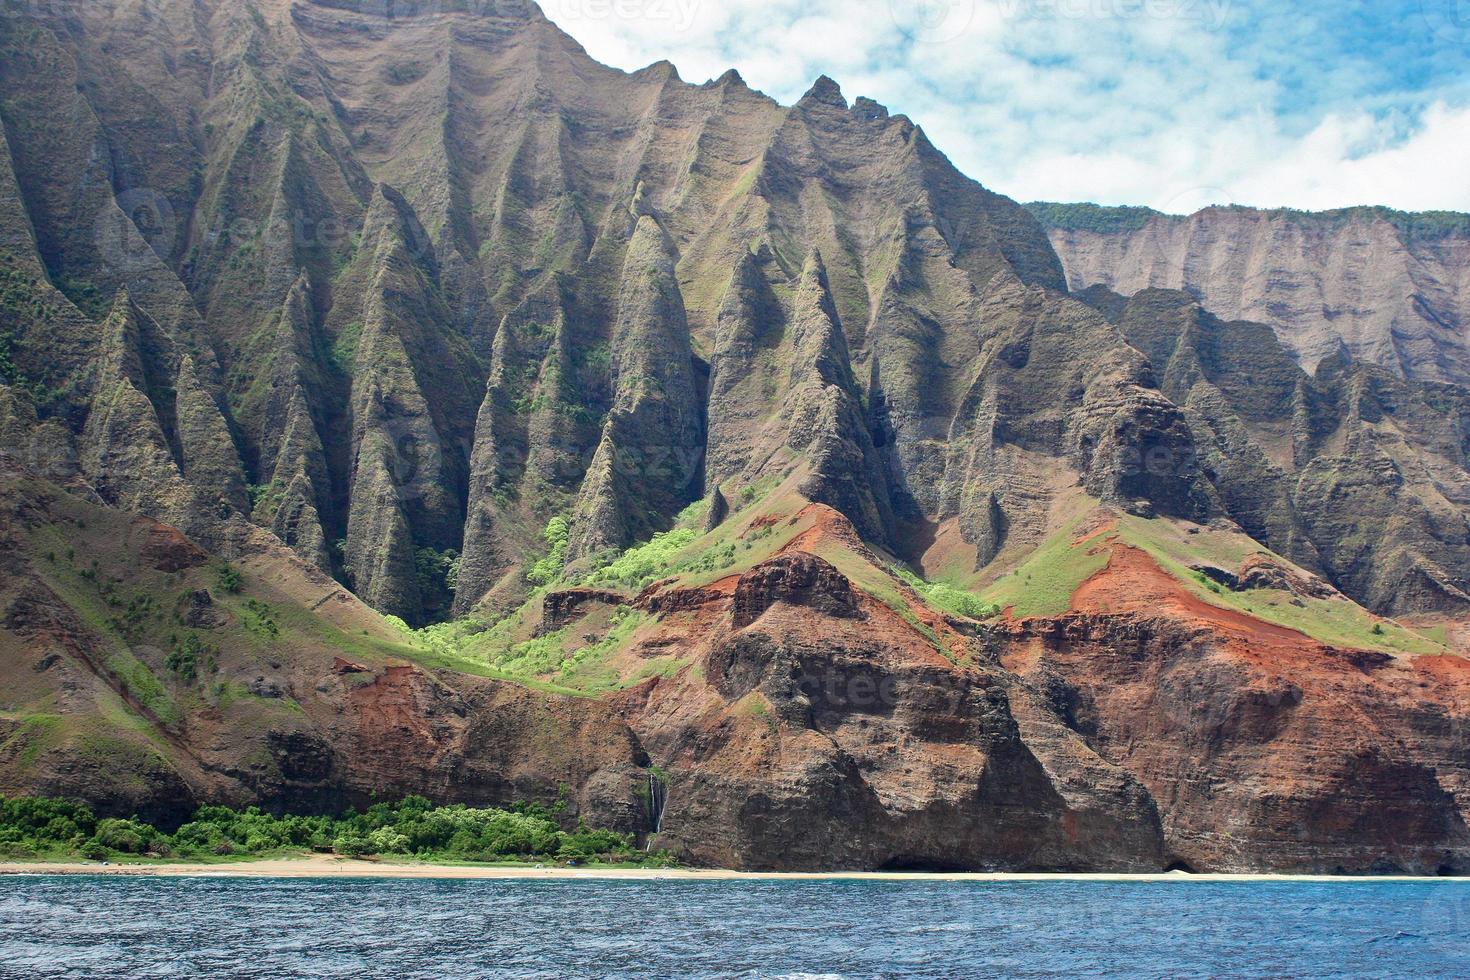 na pali kust in Kauai'i, Hawaï-eilanden foto